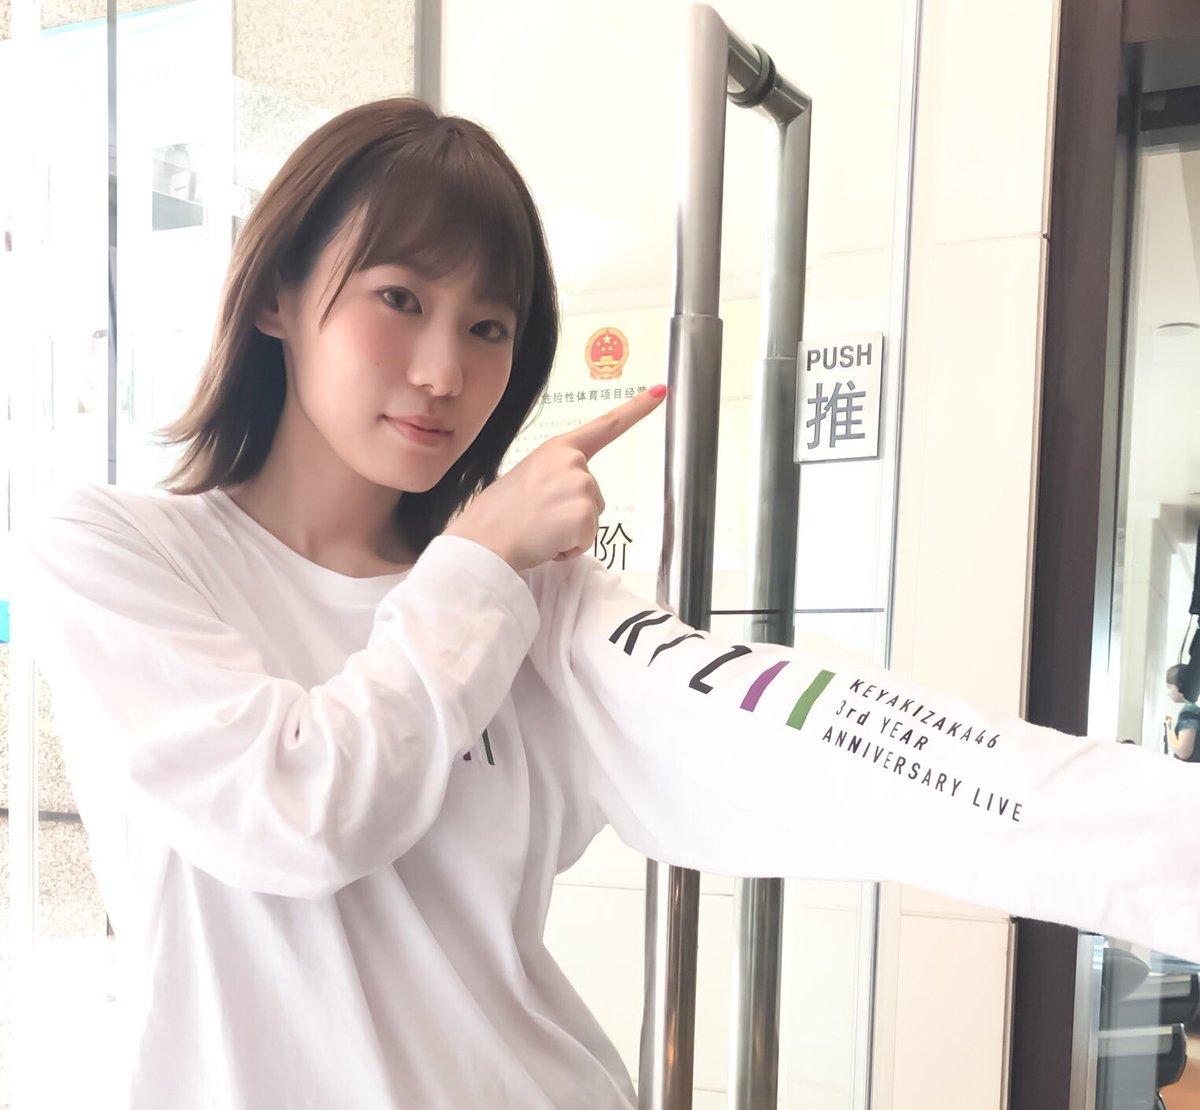 中国では扉などに付いているPUSHマークに「推」という字が使われているんです🤔ということで、#推してみいちゃん 🥺みなさんはもちろん、小池さん推しですよね😤#やってみいちゃん#小池美波 #欅坂46 #みいちゃん #小池美写真集 #みいちゃん写真集